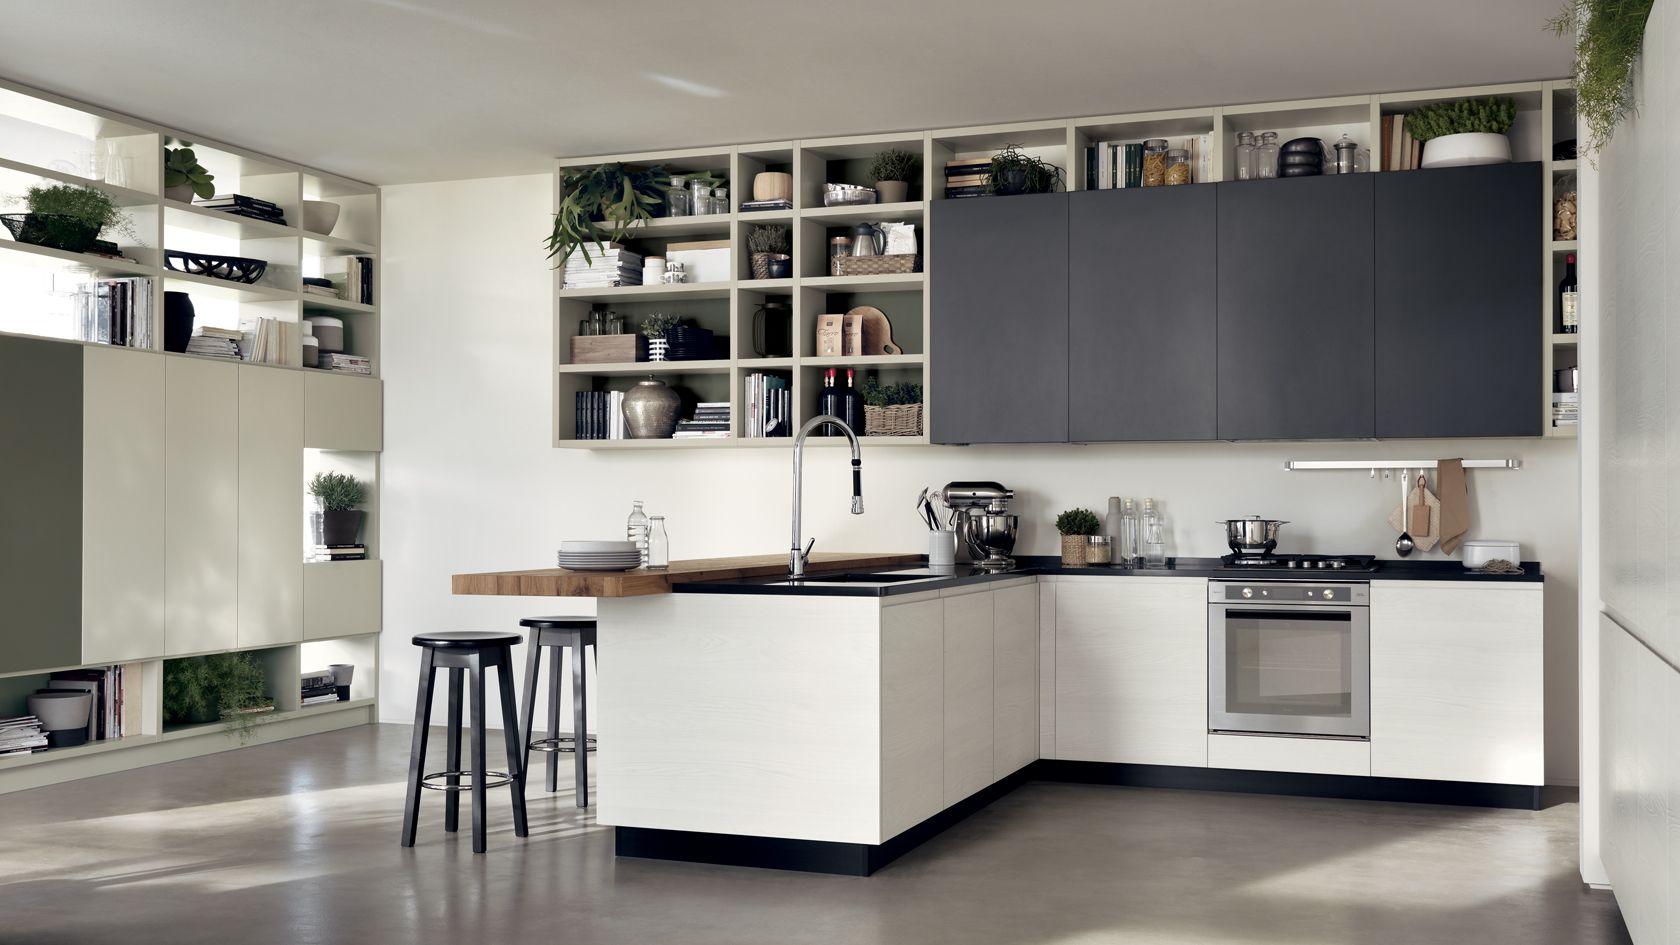 Stampe Cucina Moderna : Pin di chrichris su kitchens legno cucina e cucine